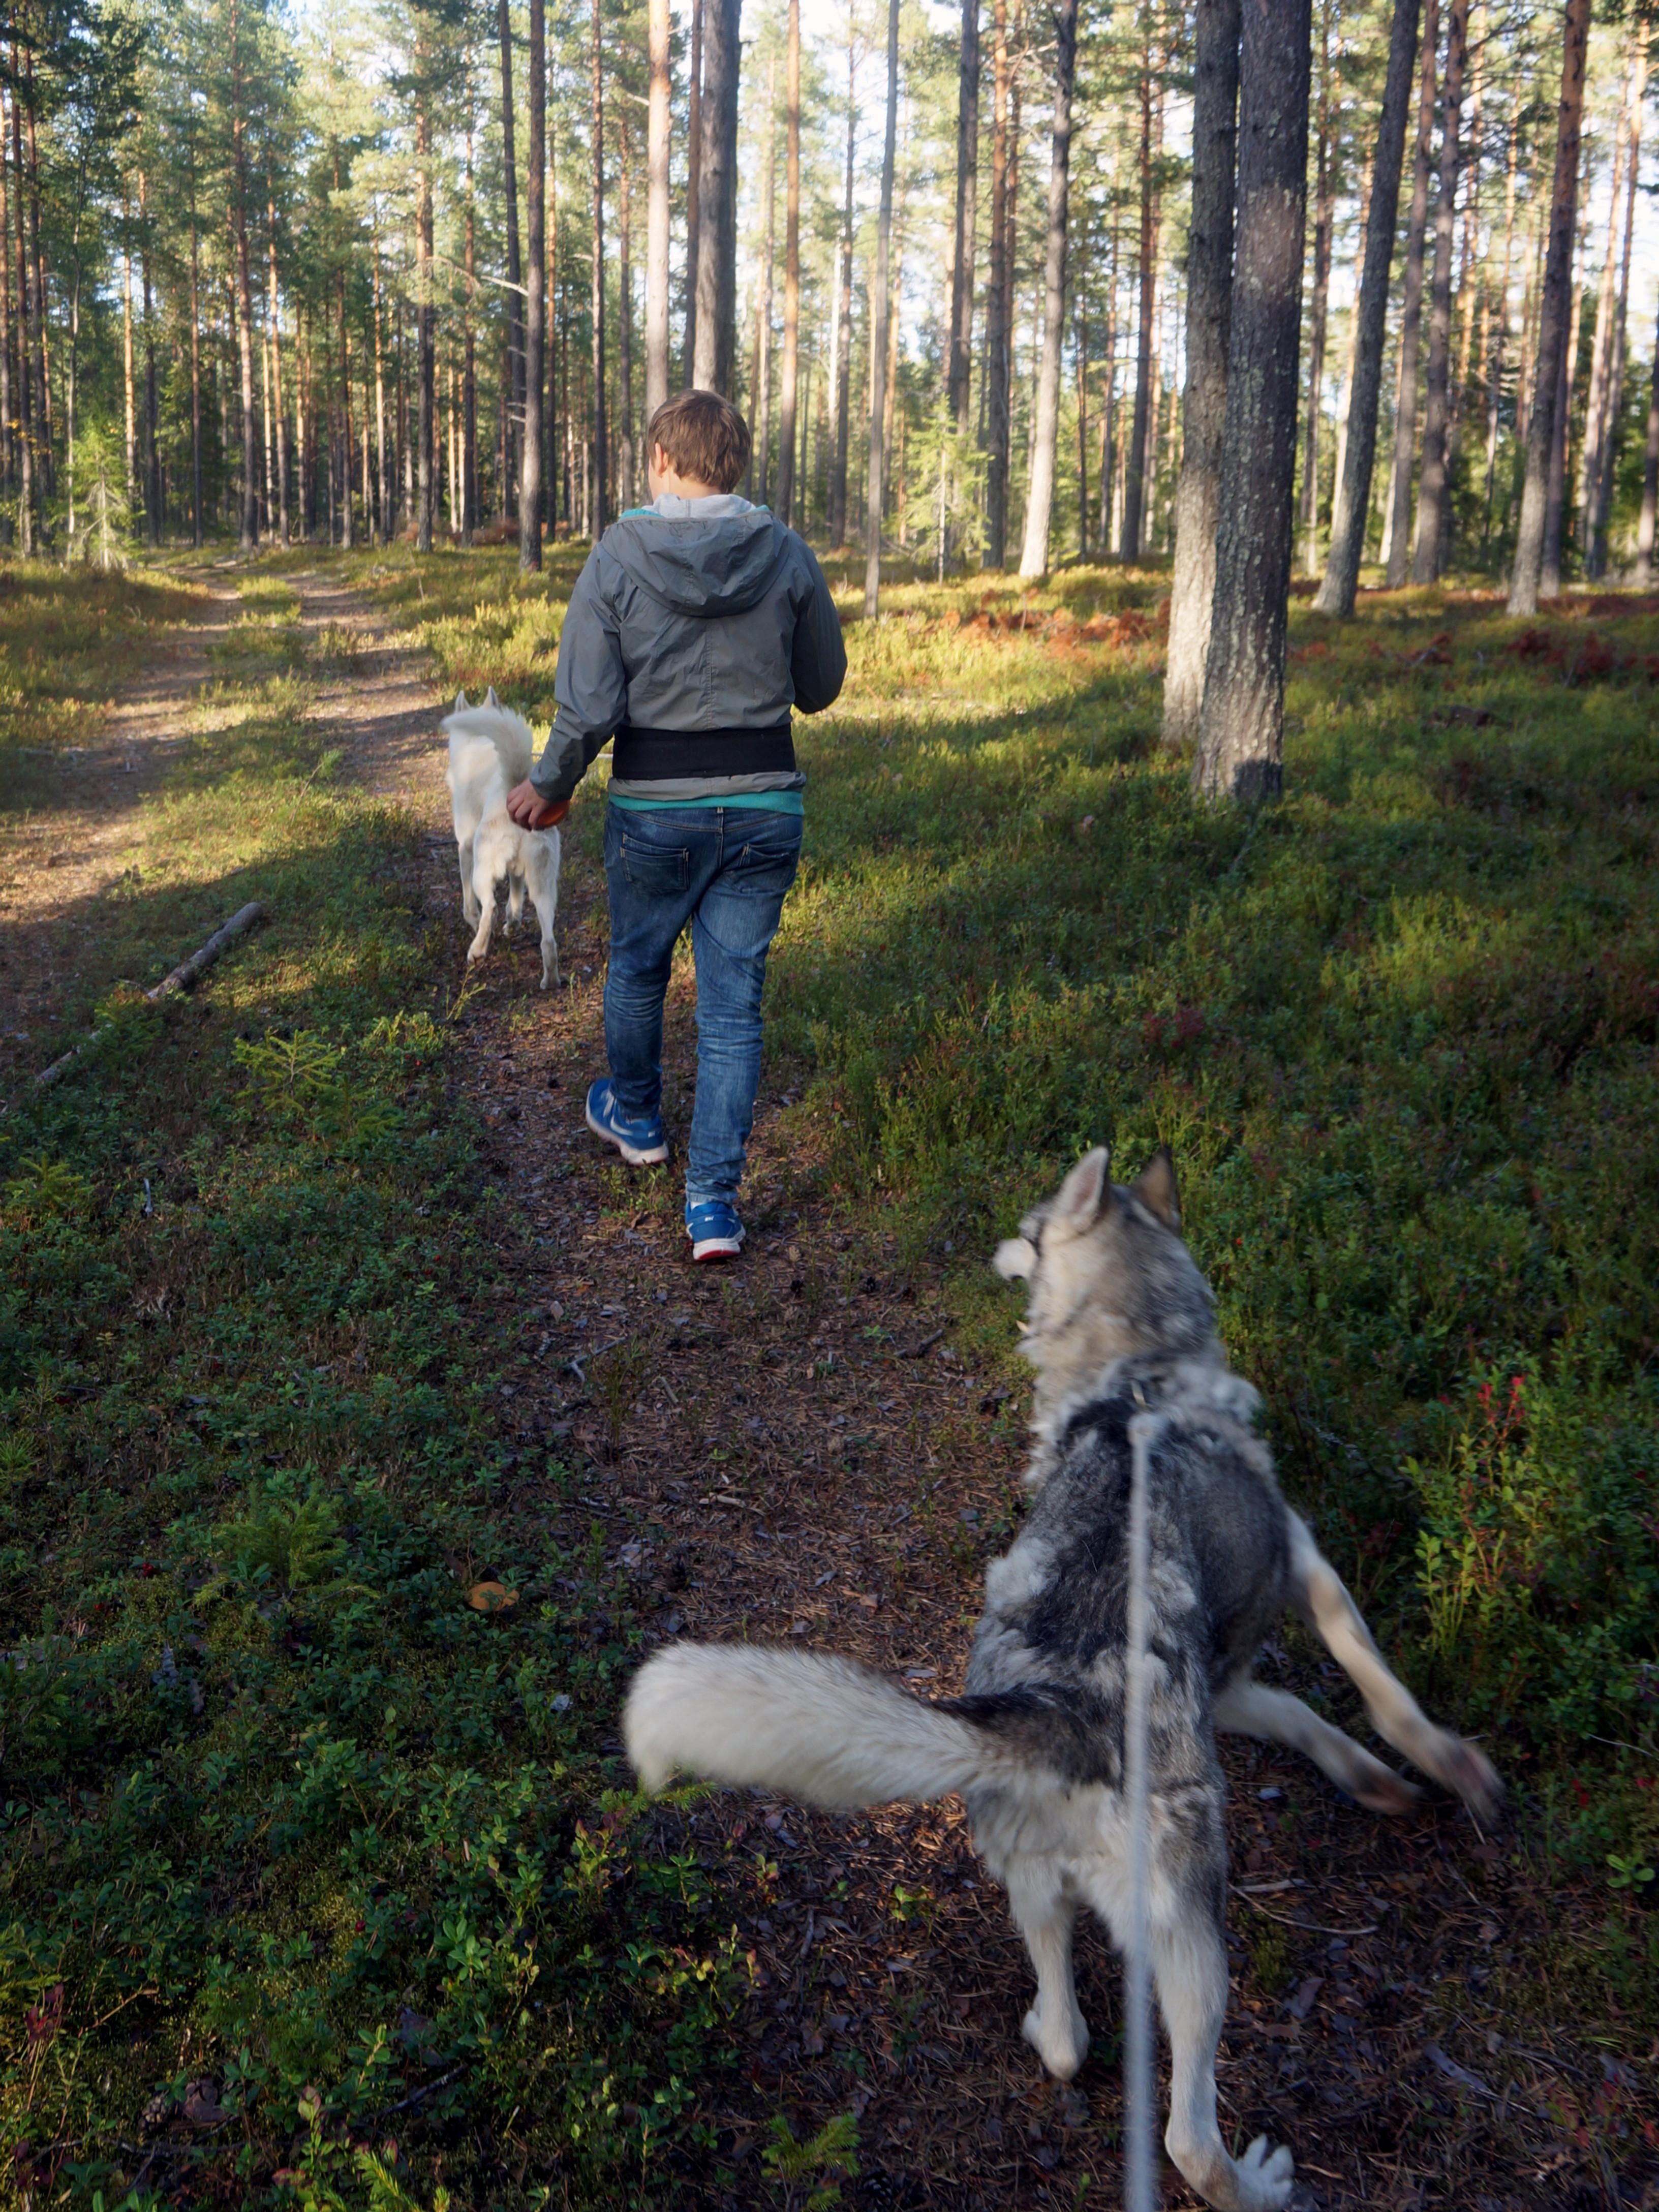 Hiking with a Siberian husky